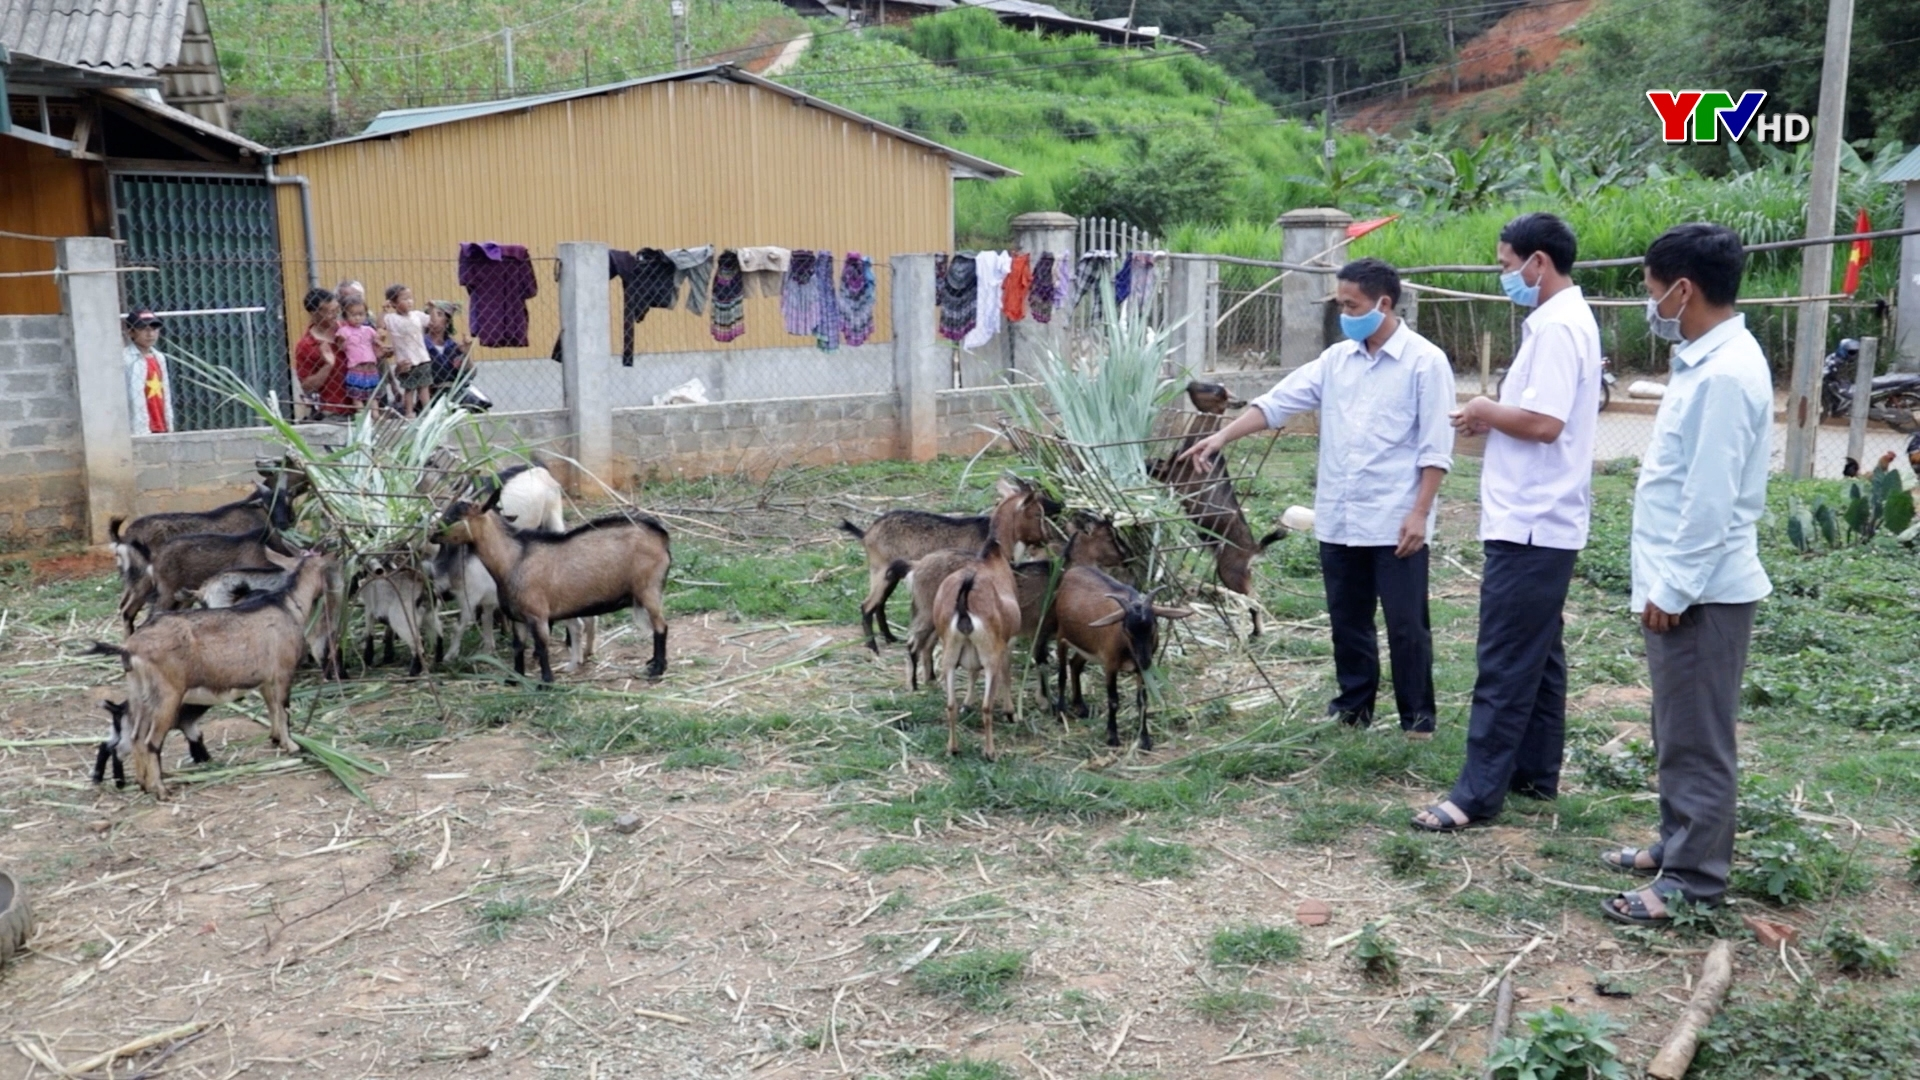 Chính sách hỗ trợ sản xuất nông nghiệp – Đòn bẩy giúp đồng bào vùng cao thoát nghèo